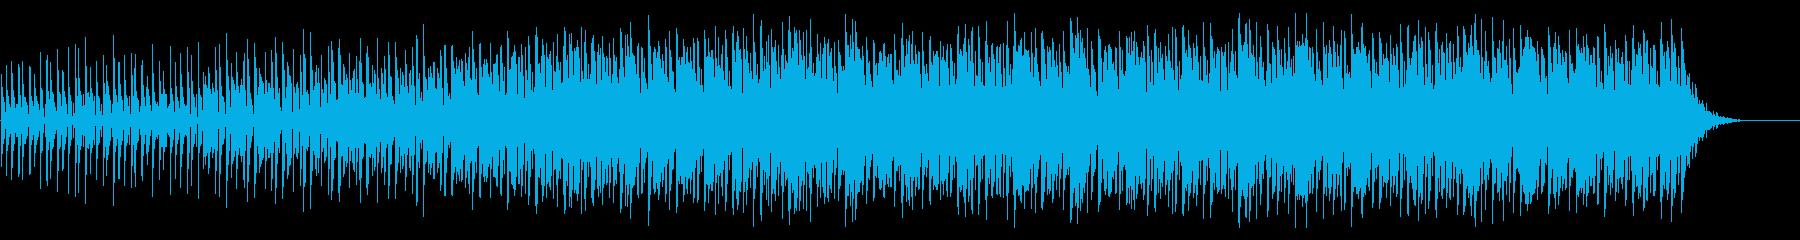 軽やかなギターカッティング VP等にの再生済みの波形